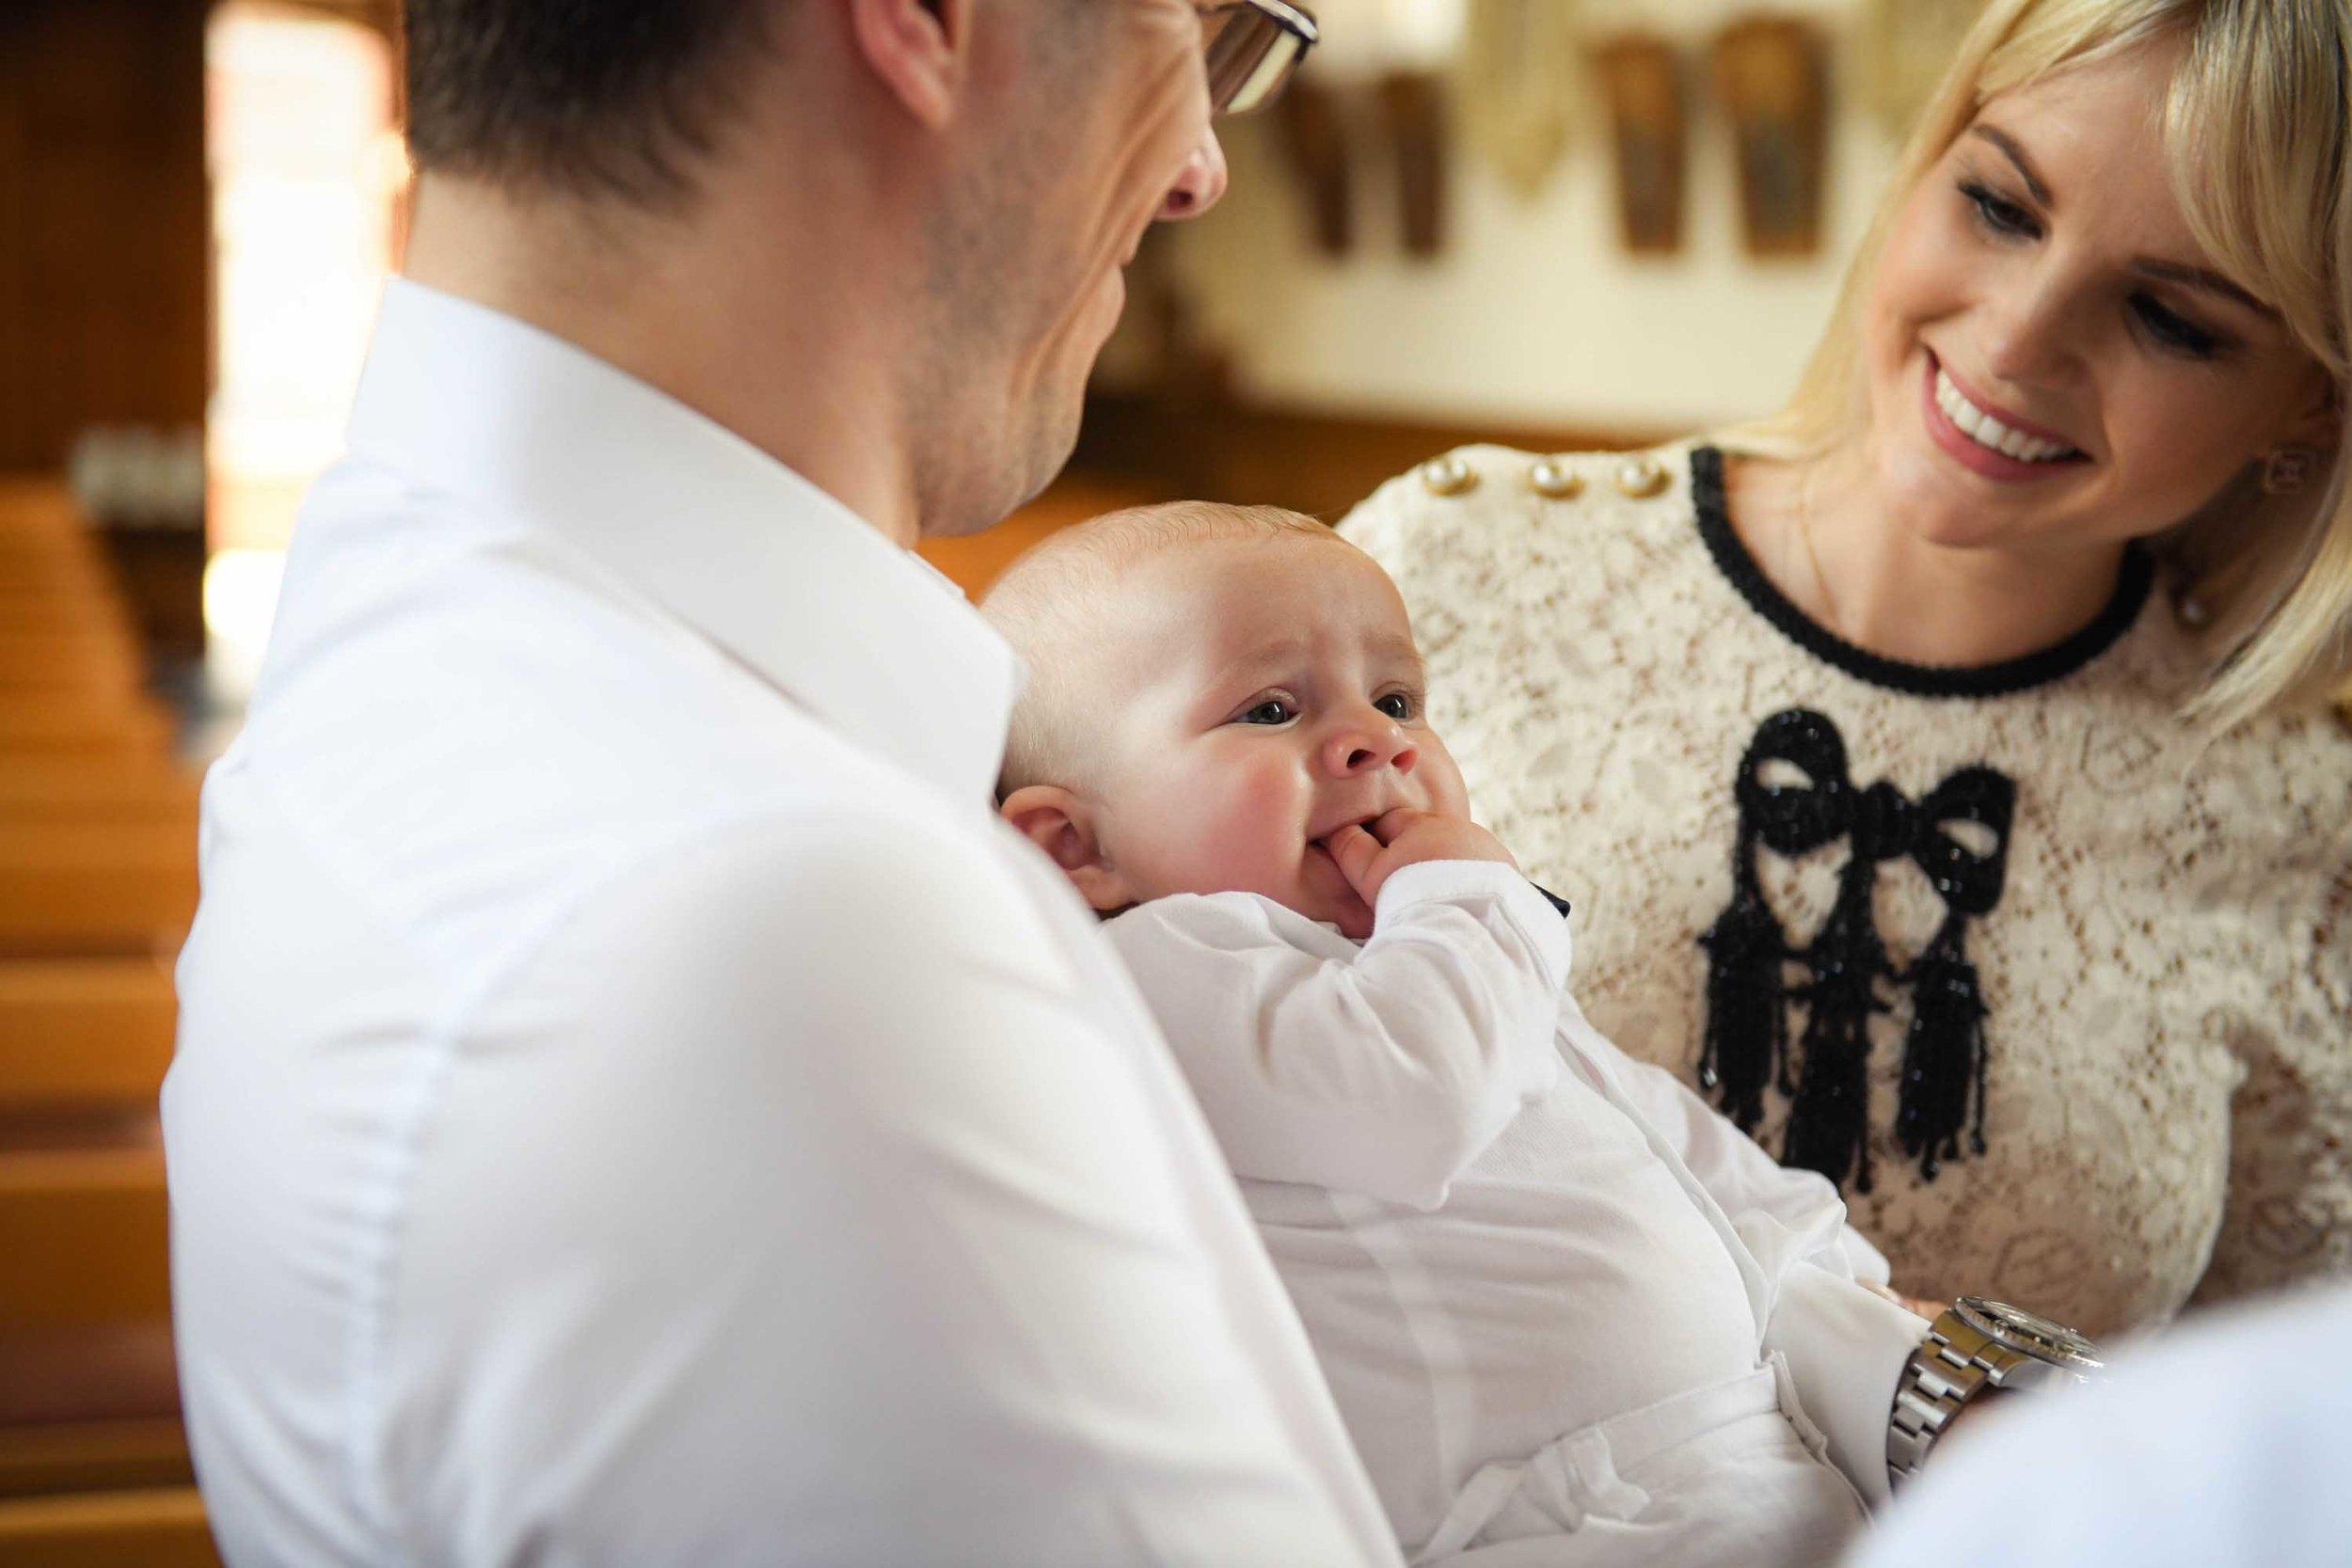 doopsel doop doopfotografie trouwfotografie weddingphotographer bruidsfotograaf trouwfotograaf beste journalistiek .jpg